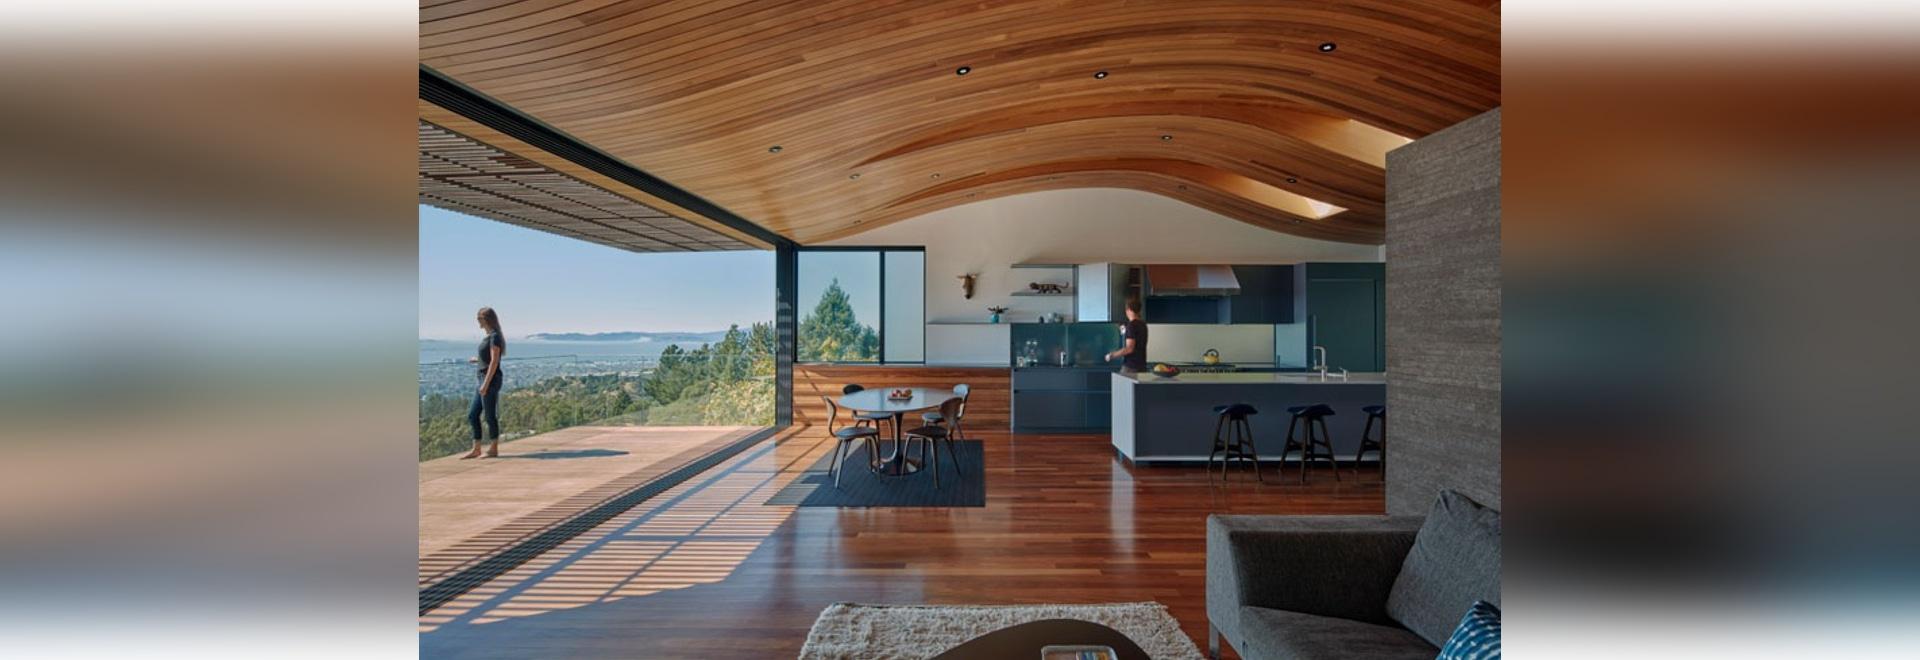 Die Decke in diesem modernen Haus hallt die Form des Abhangs wider ...